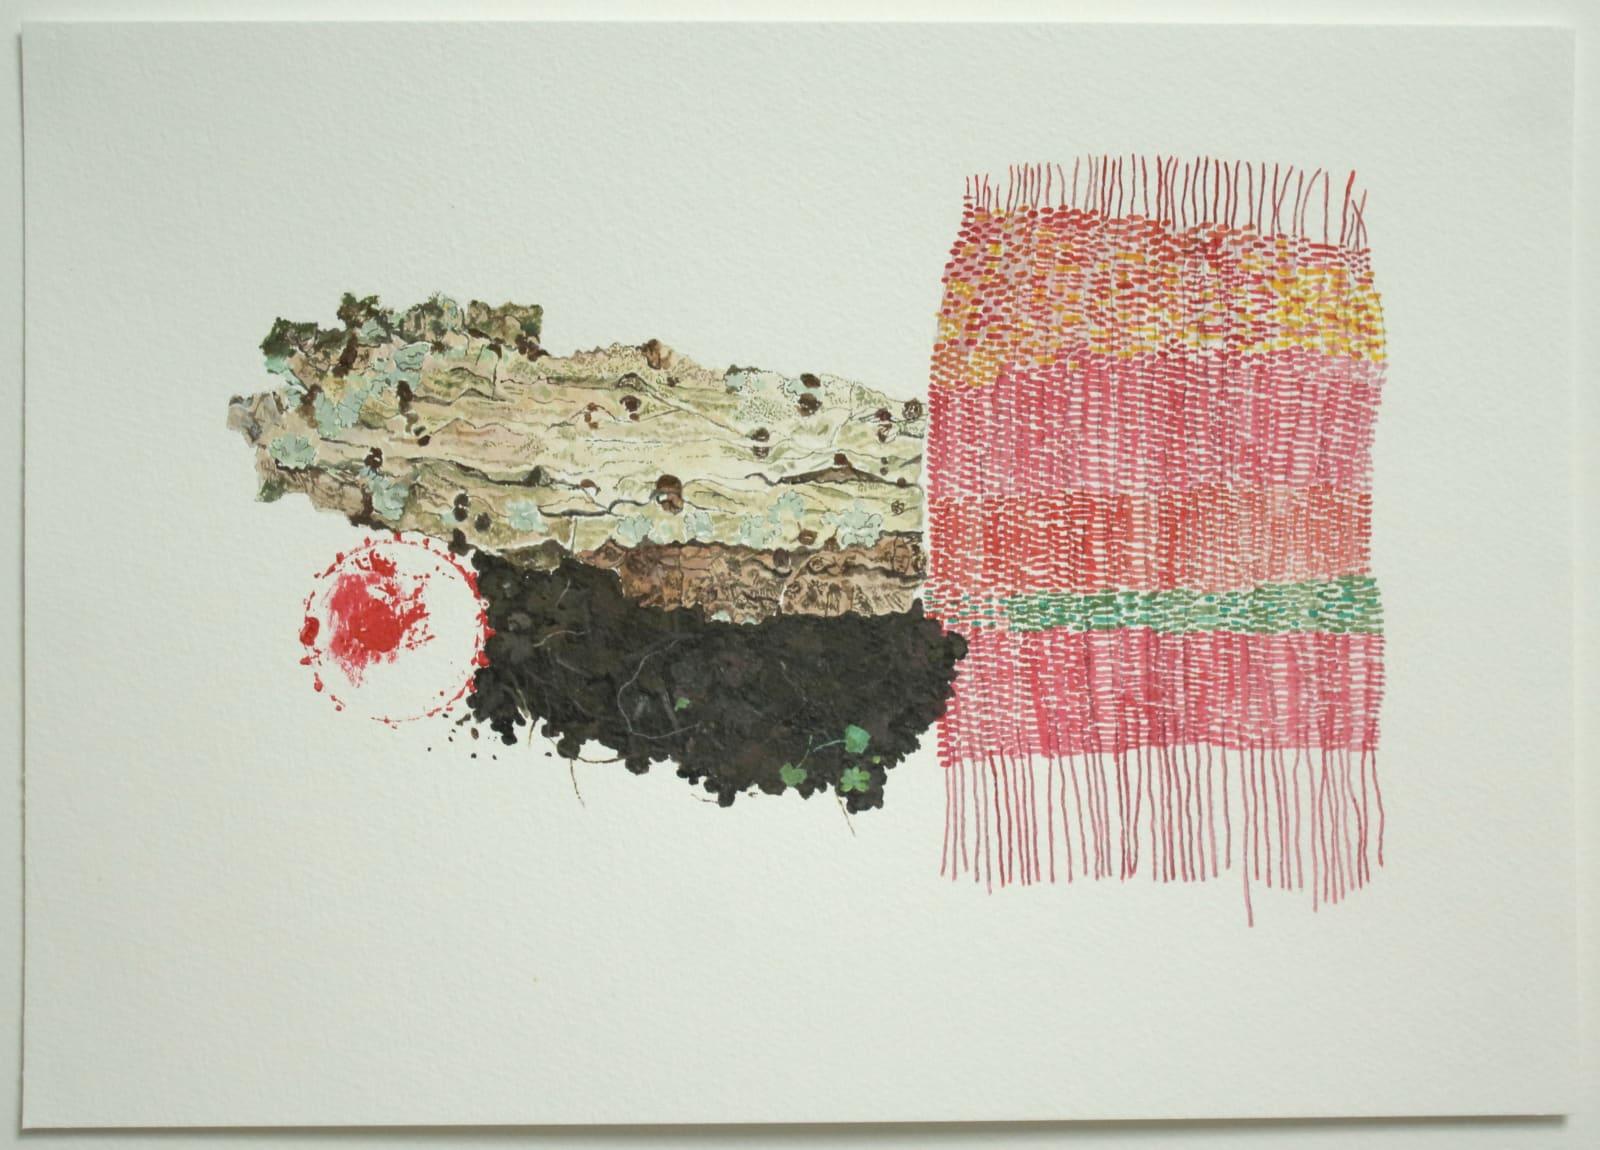 Jocelyn Clarke, Small Archive, 2021